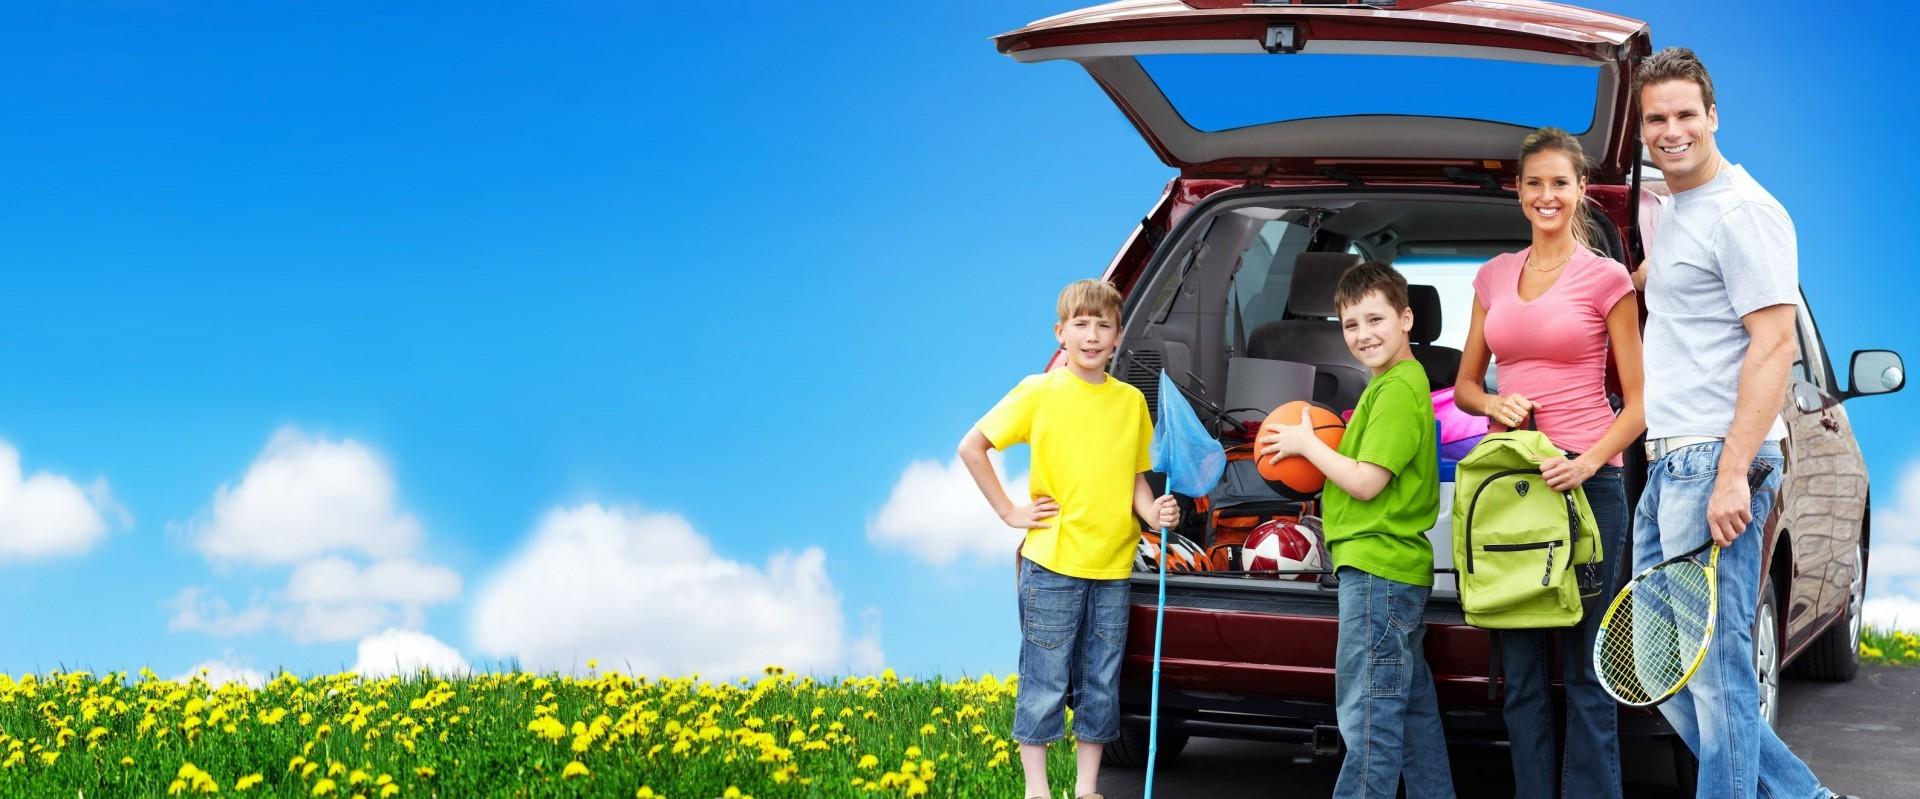 איילון דרייבינג בייסיק ביטוח הרכב המשתלם של איילון חברה לביטוח